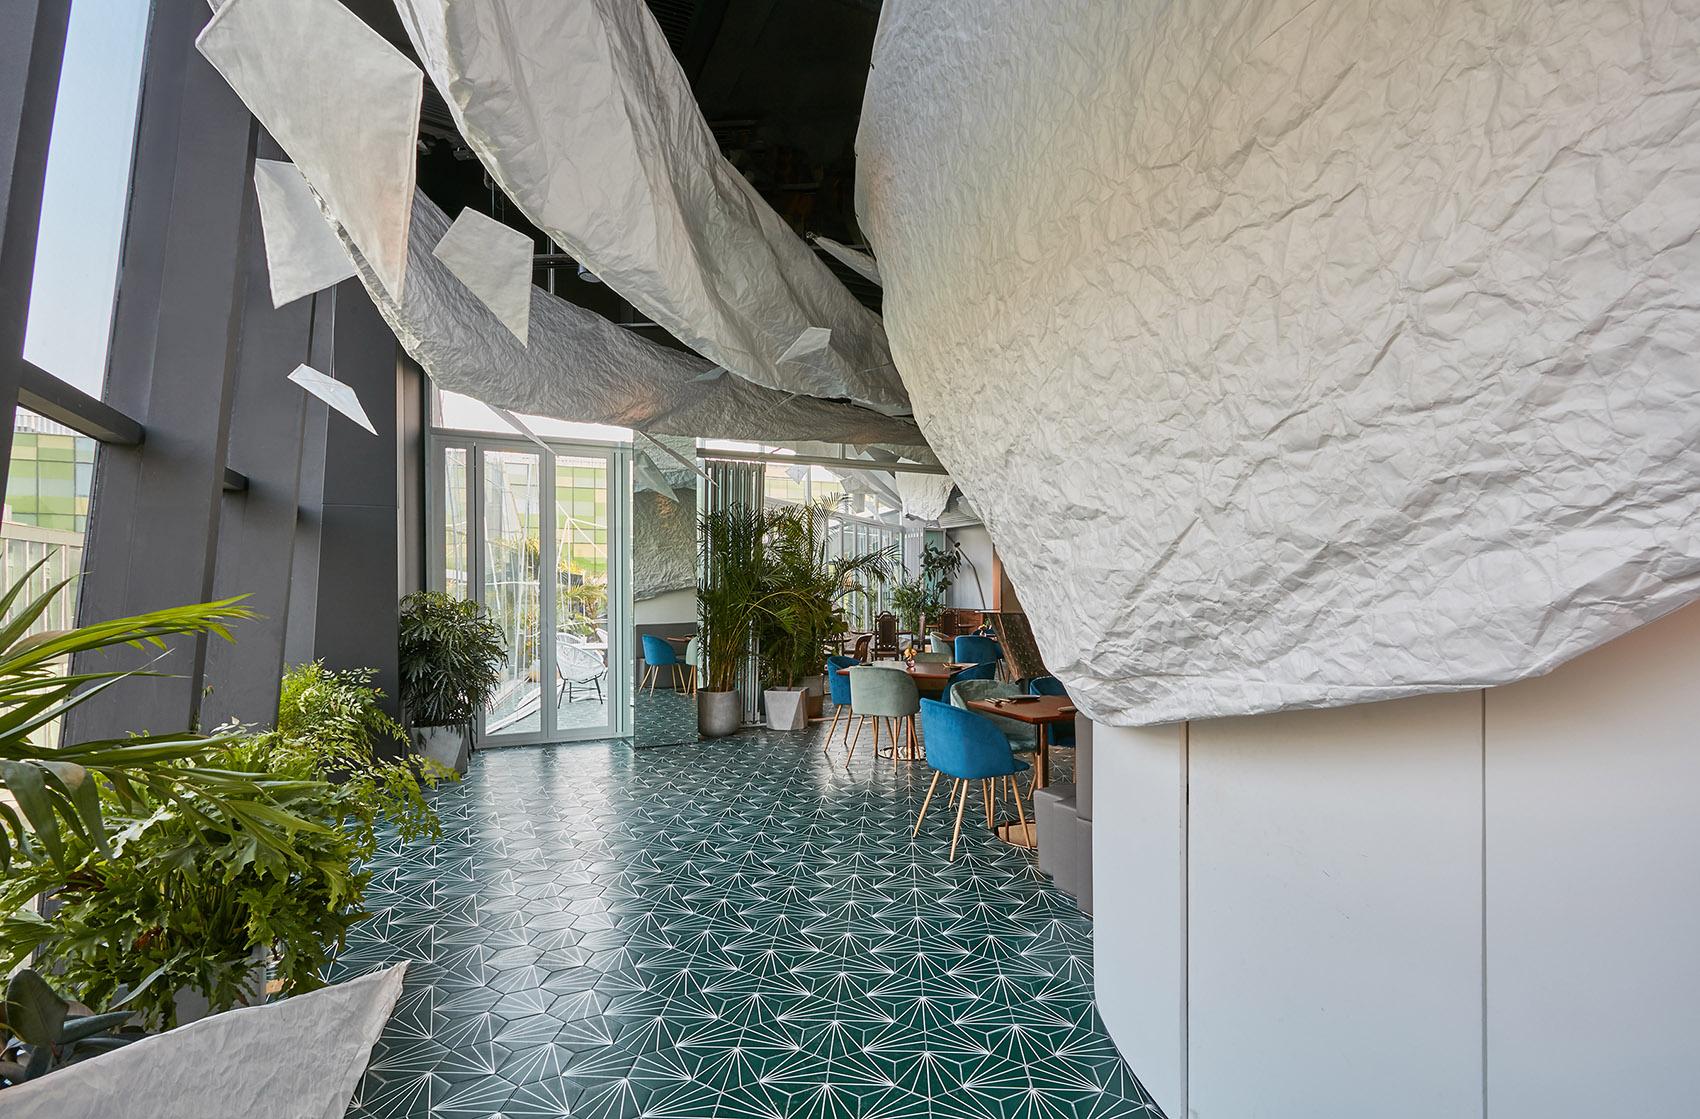 soda建筑事务所 光影流动的云中餐厅 akatoao赤青餐厅